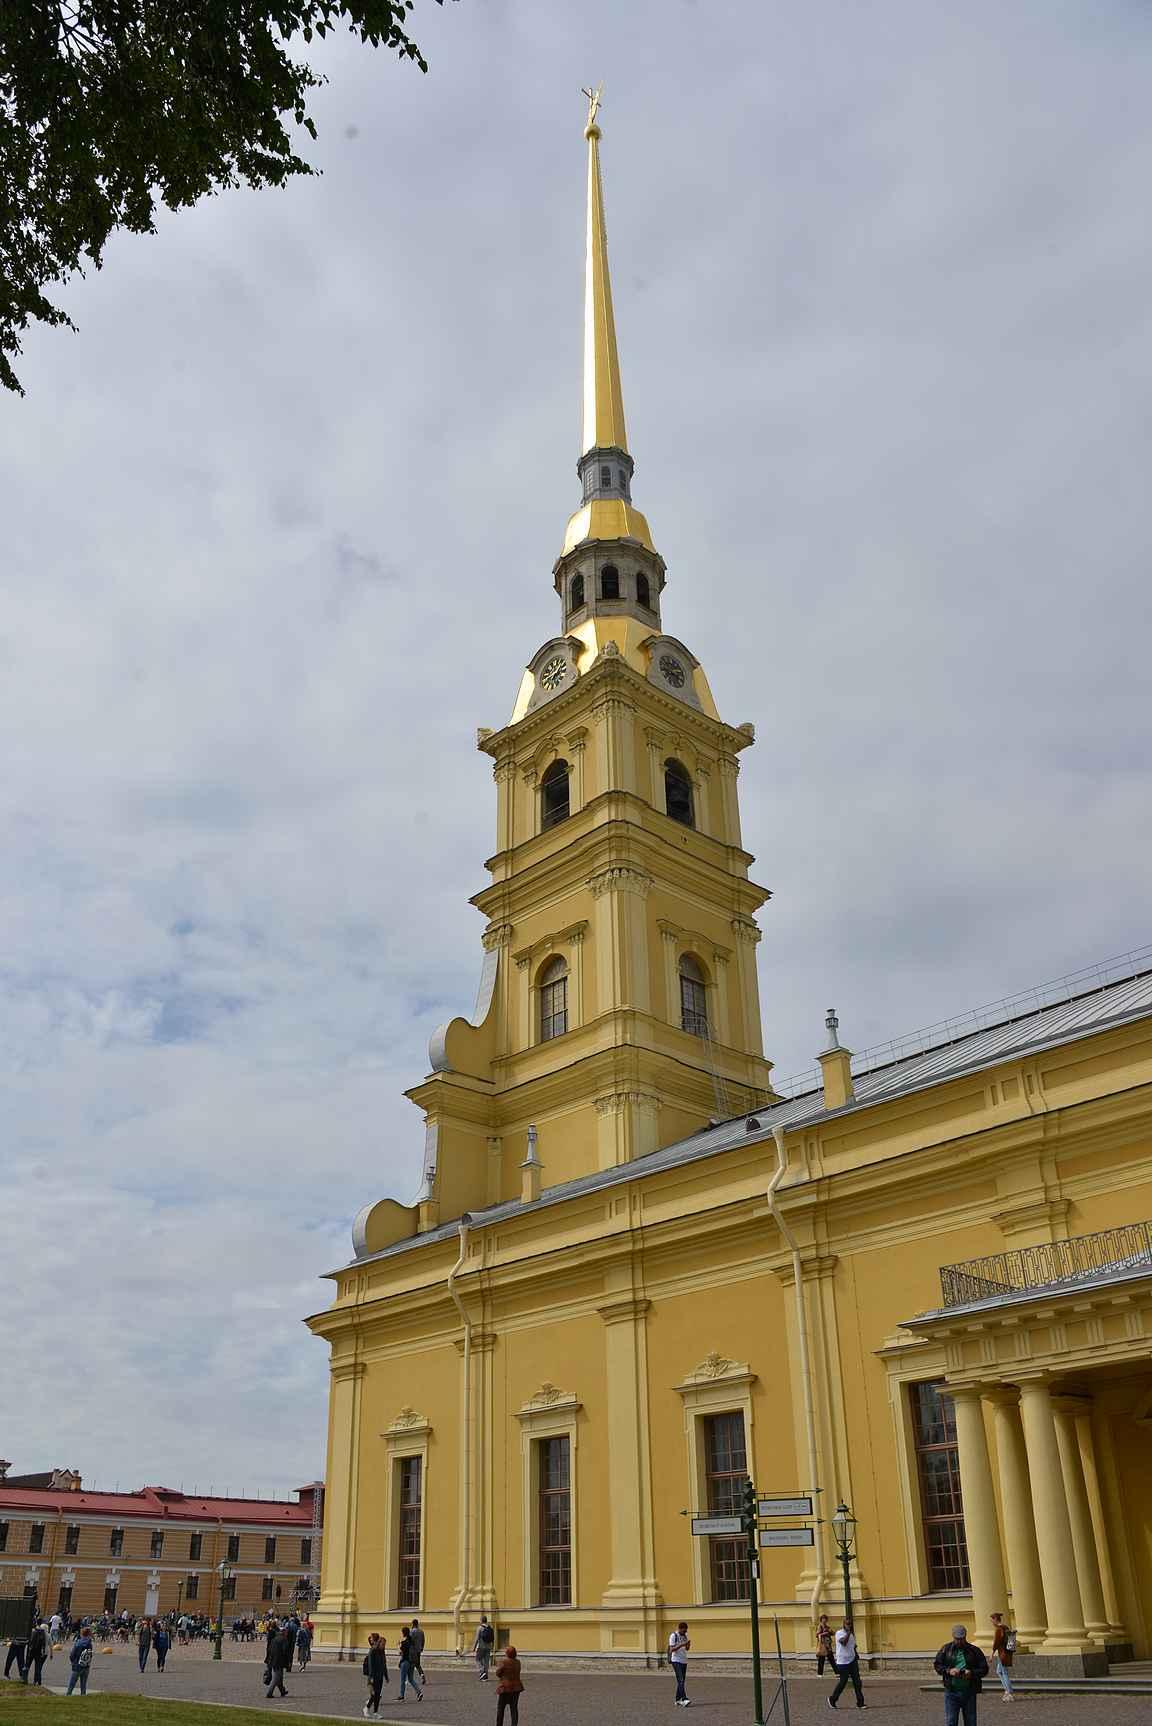 Pietari-Paavalin katedraali oli 300 vuotta Pietarin korkein rakennus.